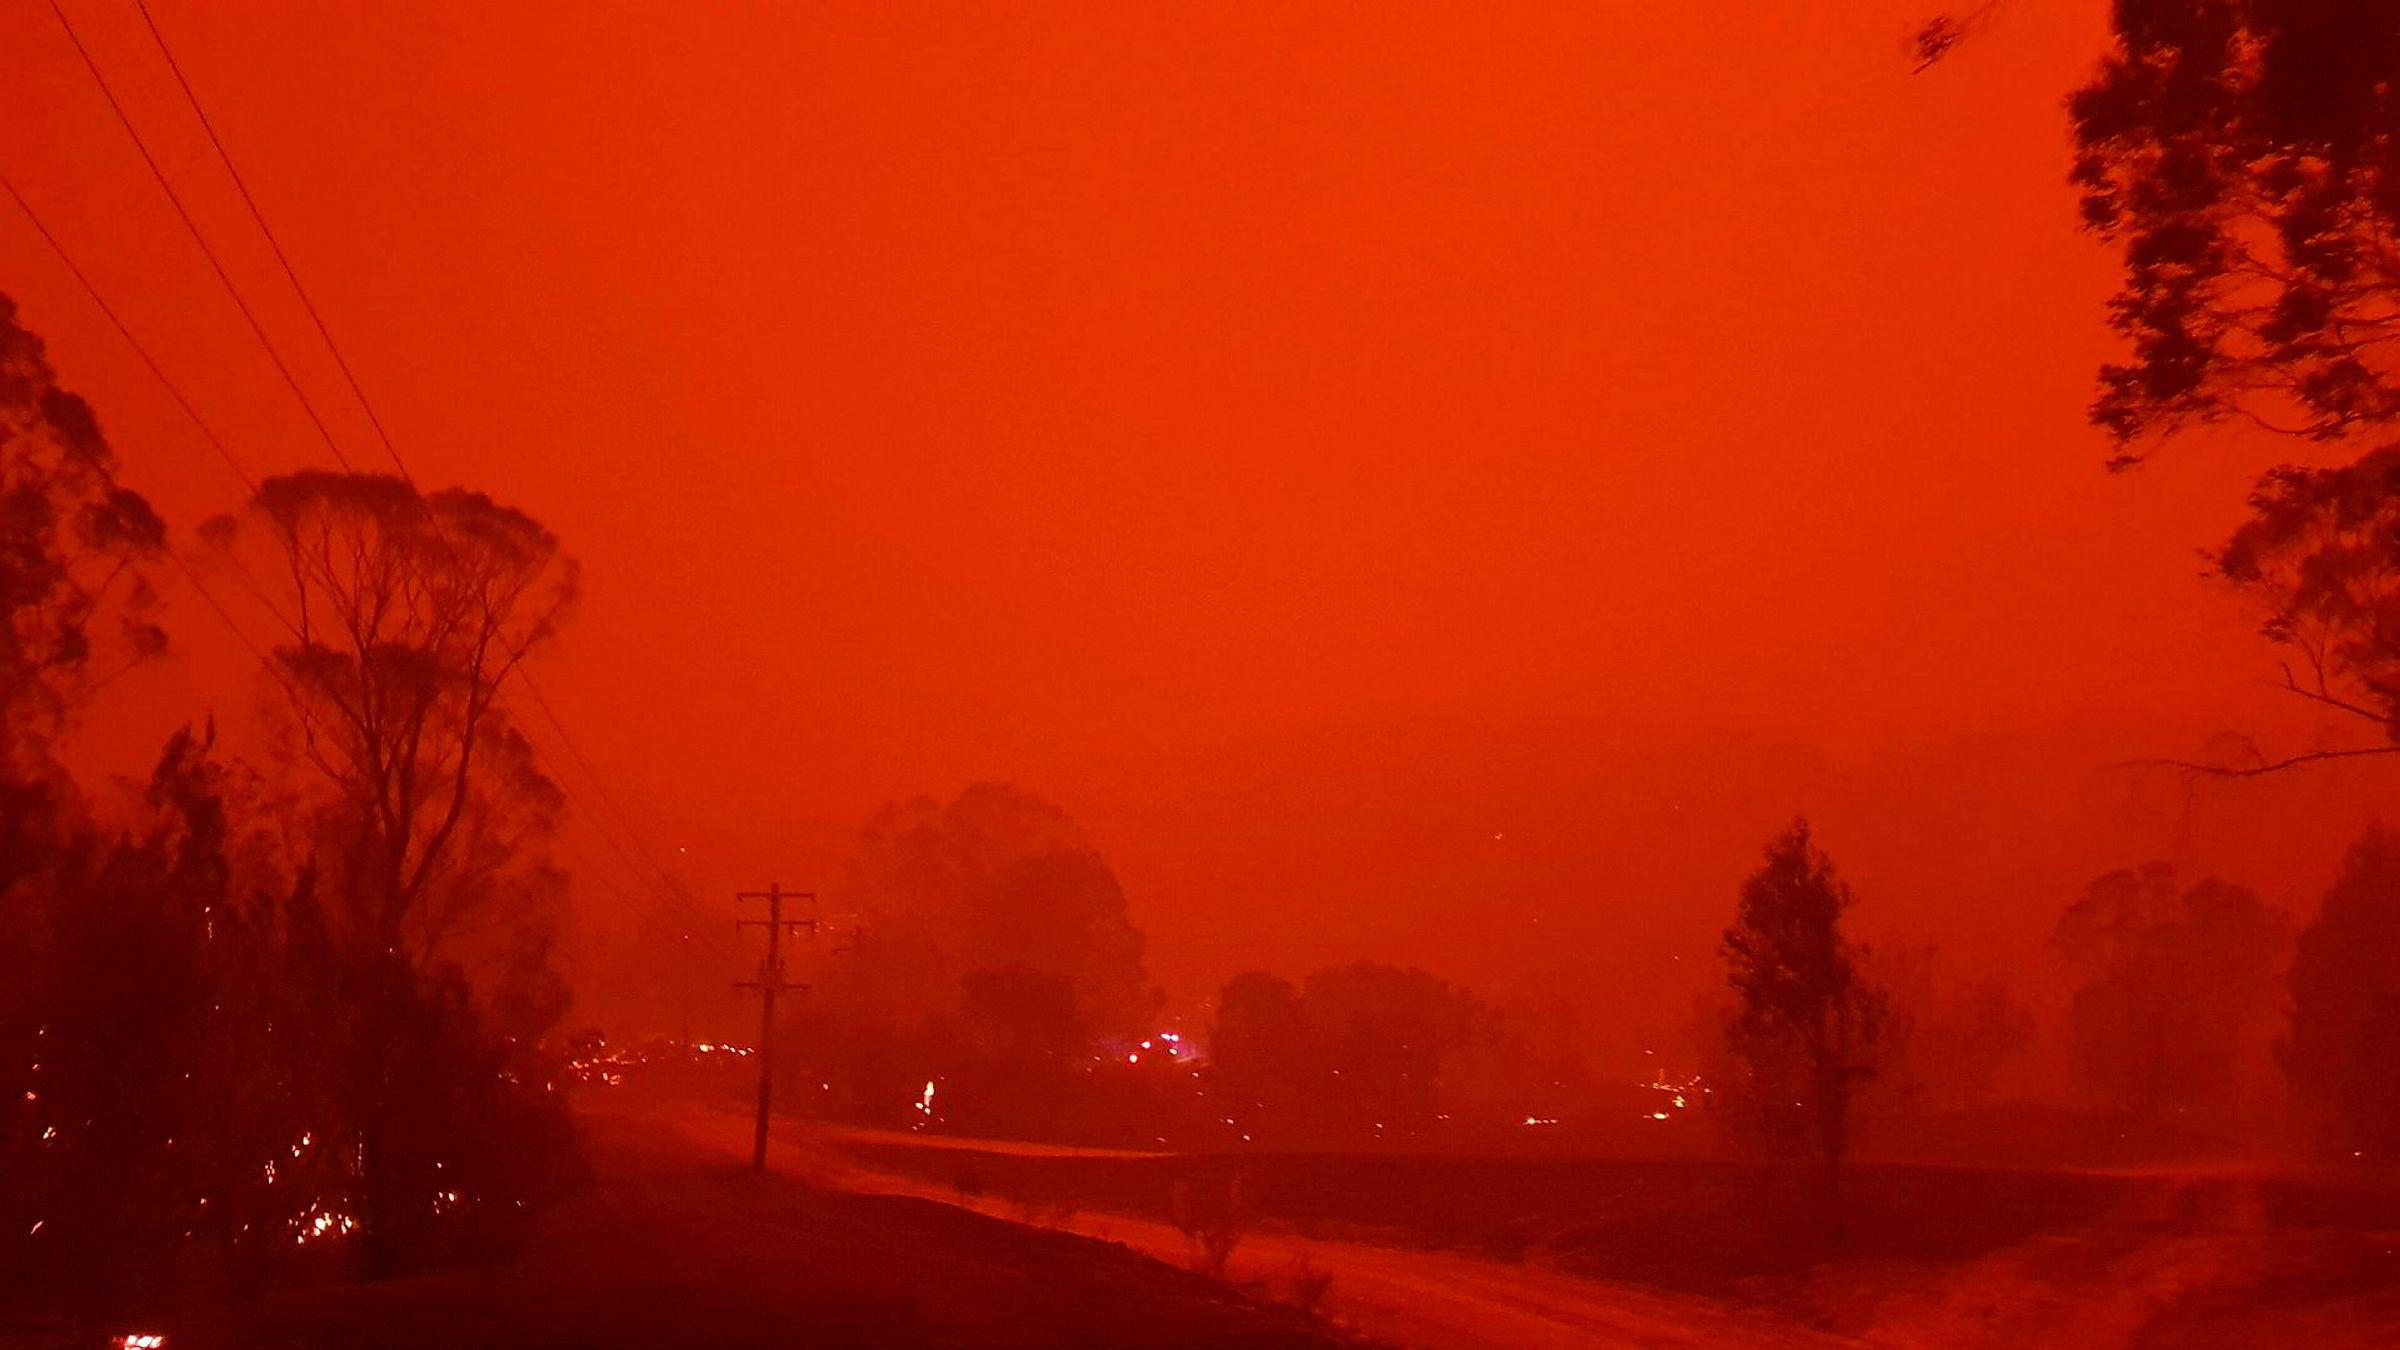 Australia brenner. Her fra småbyen Nerrigundah.